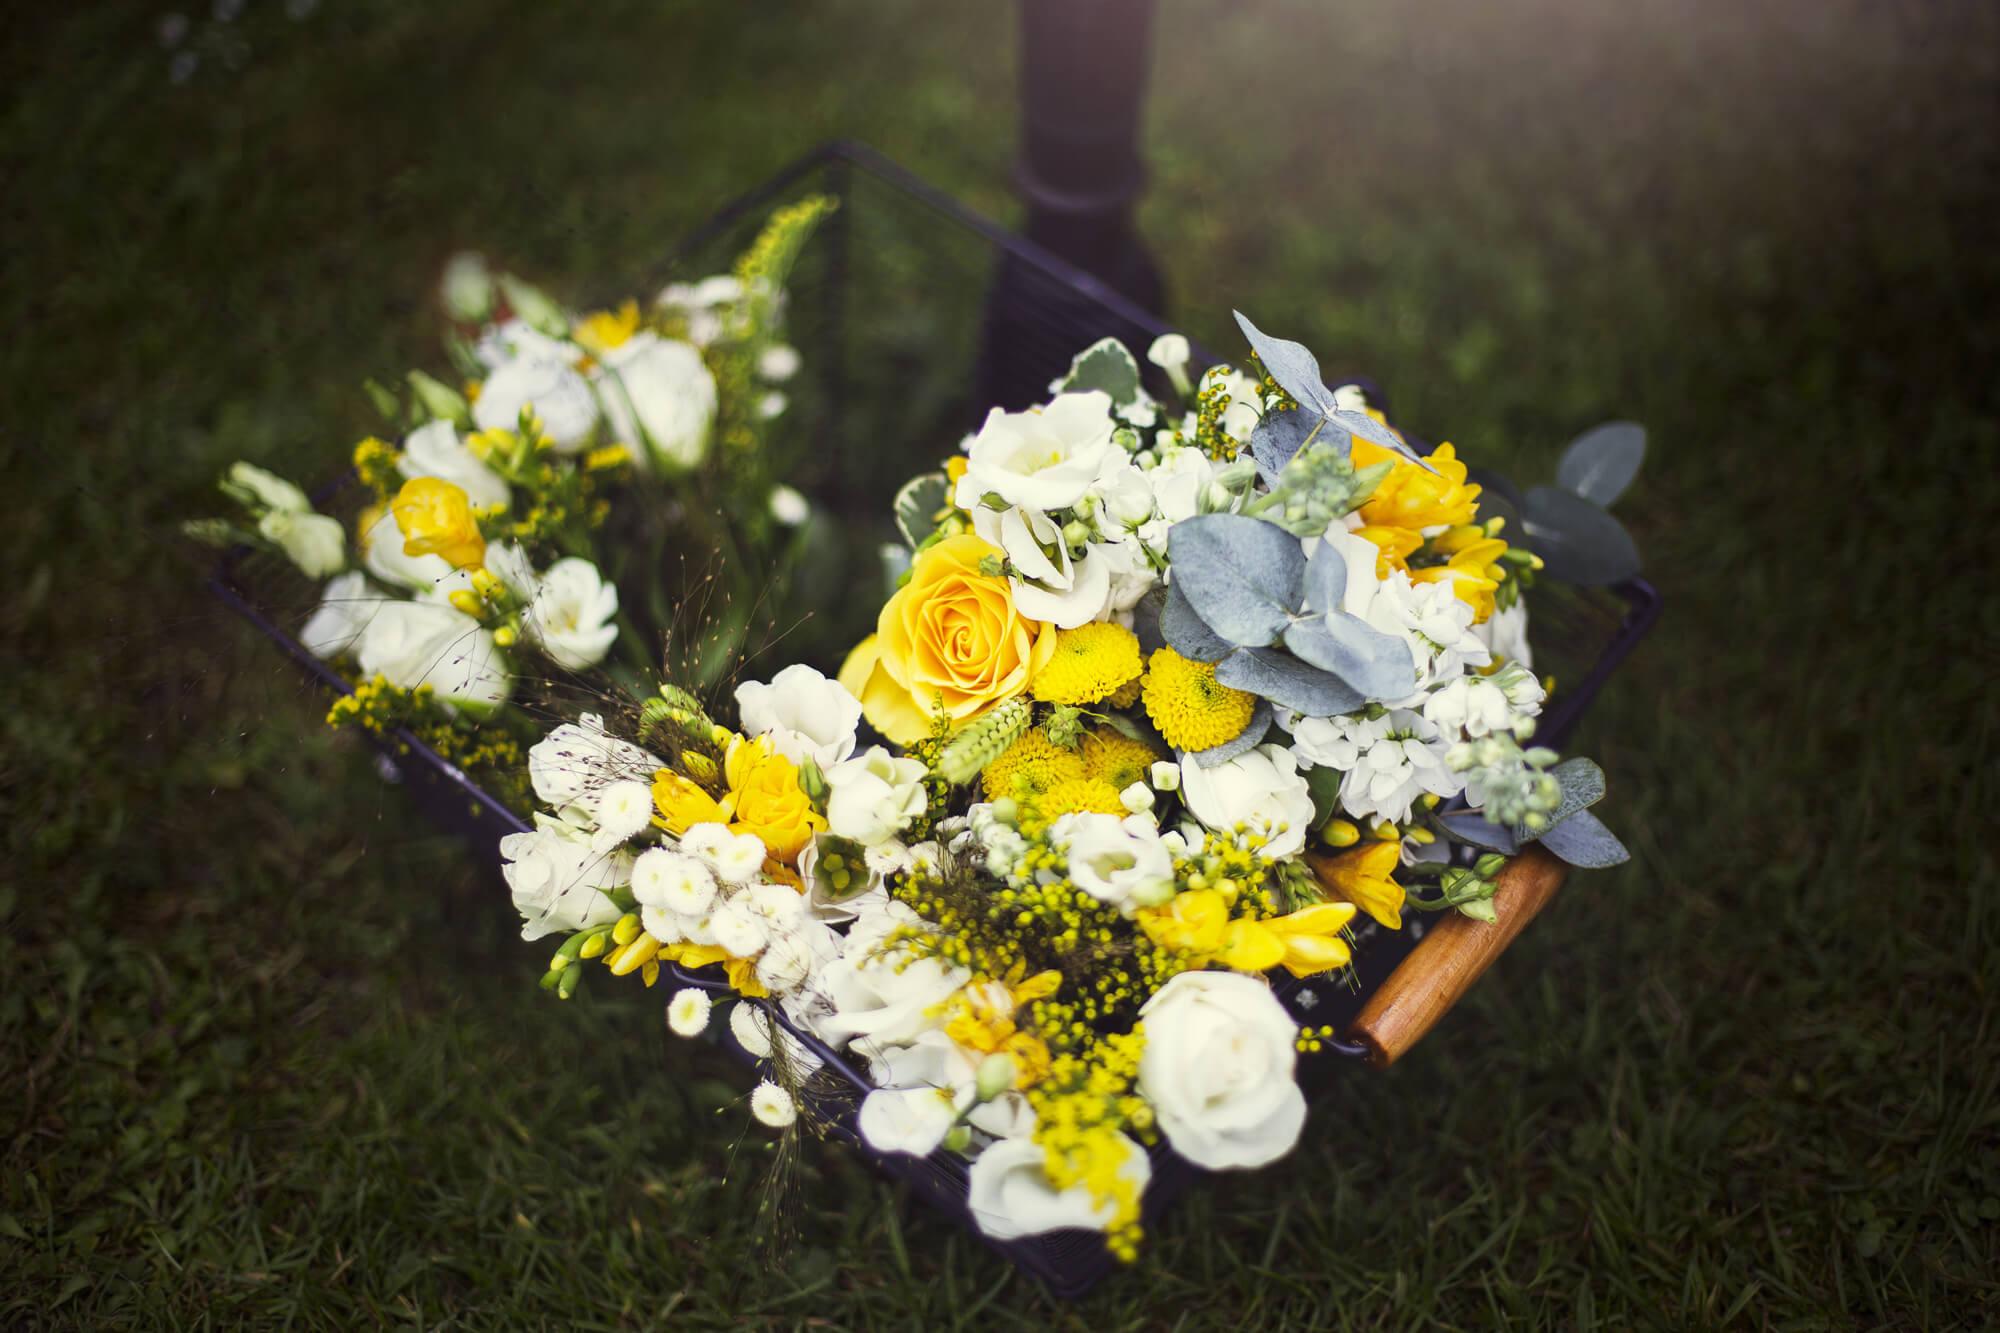 panier_garni_fleurs_jaune_mariage